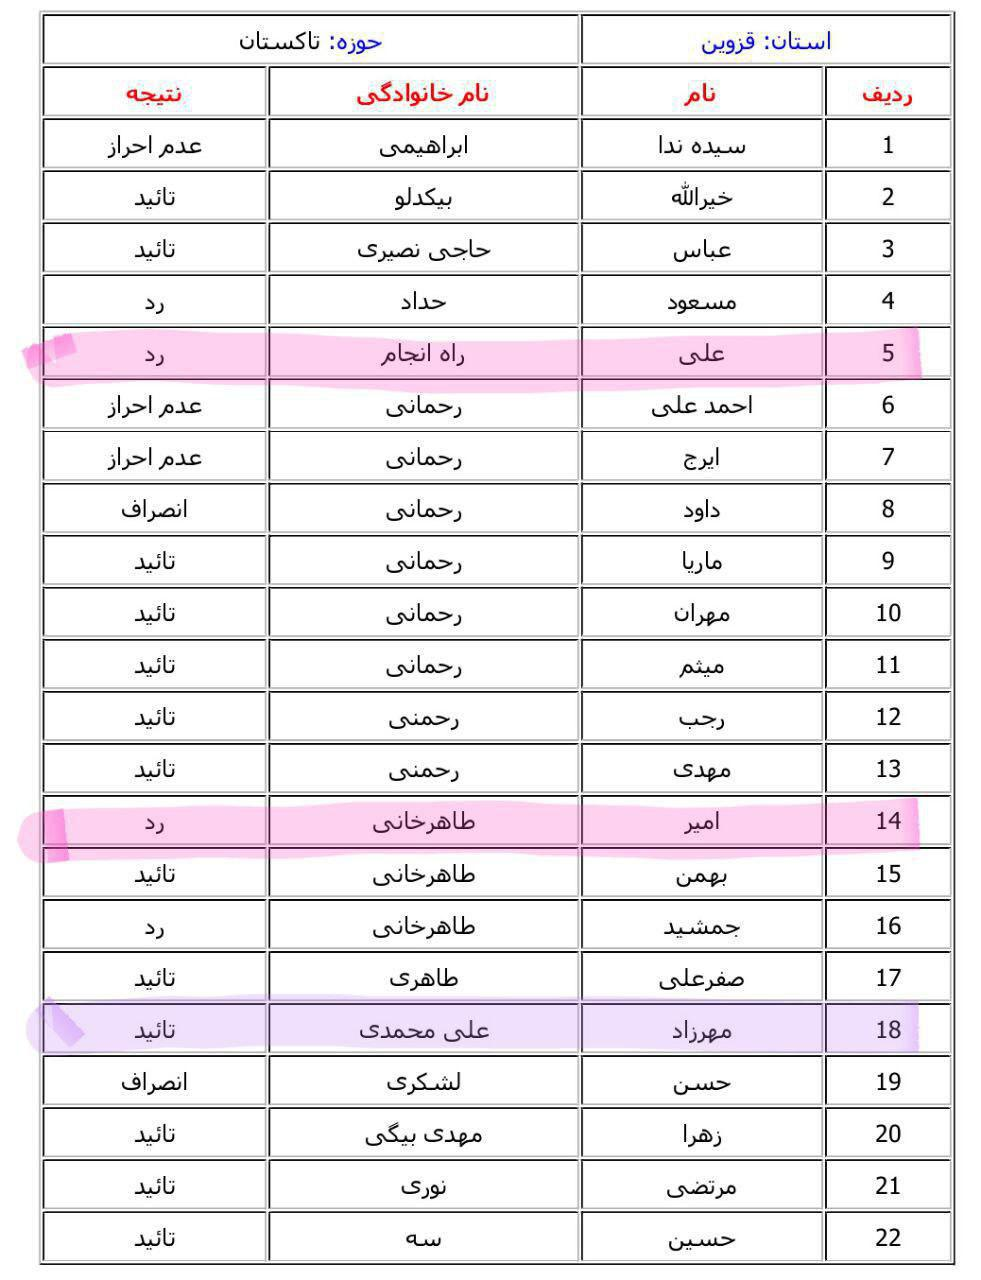 اسامی تایید و رد صلاحیت شدگان مجلس 94 تاکستان اسفرورین